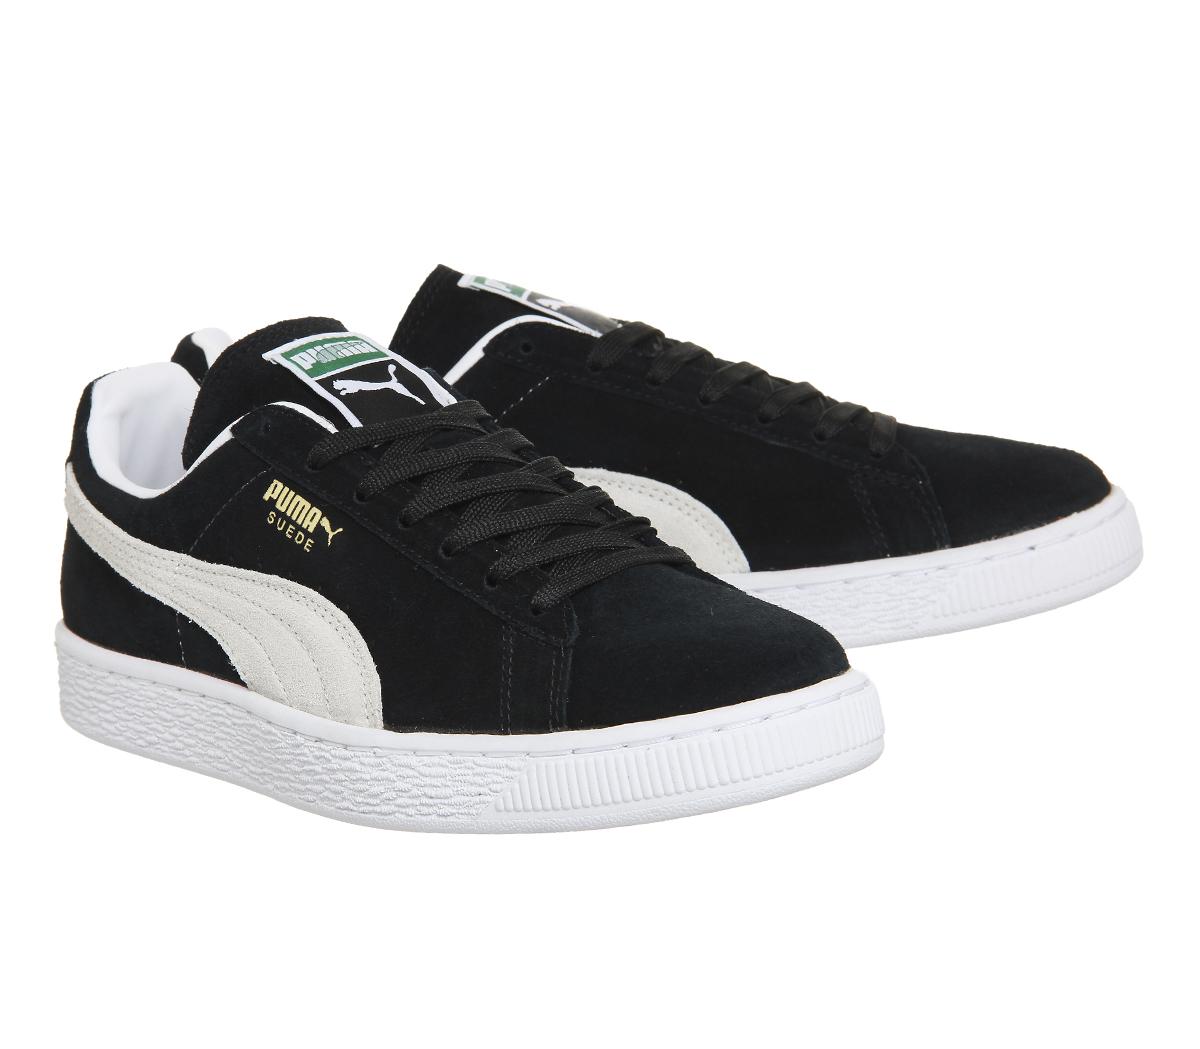 Puma Suede S Scarpe da ginnastica uomo nero/bianco Scarpe casual sneakers calzature